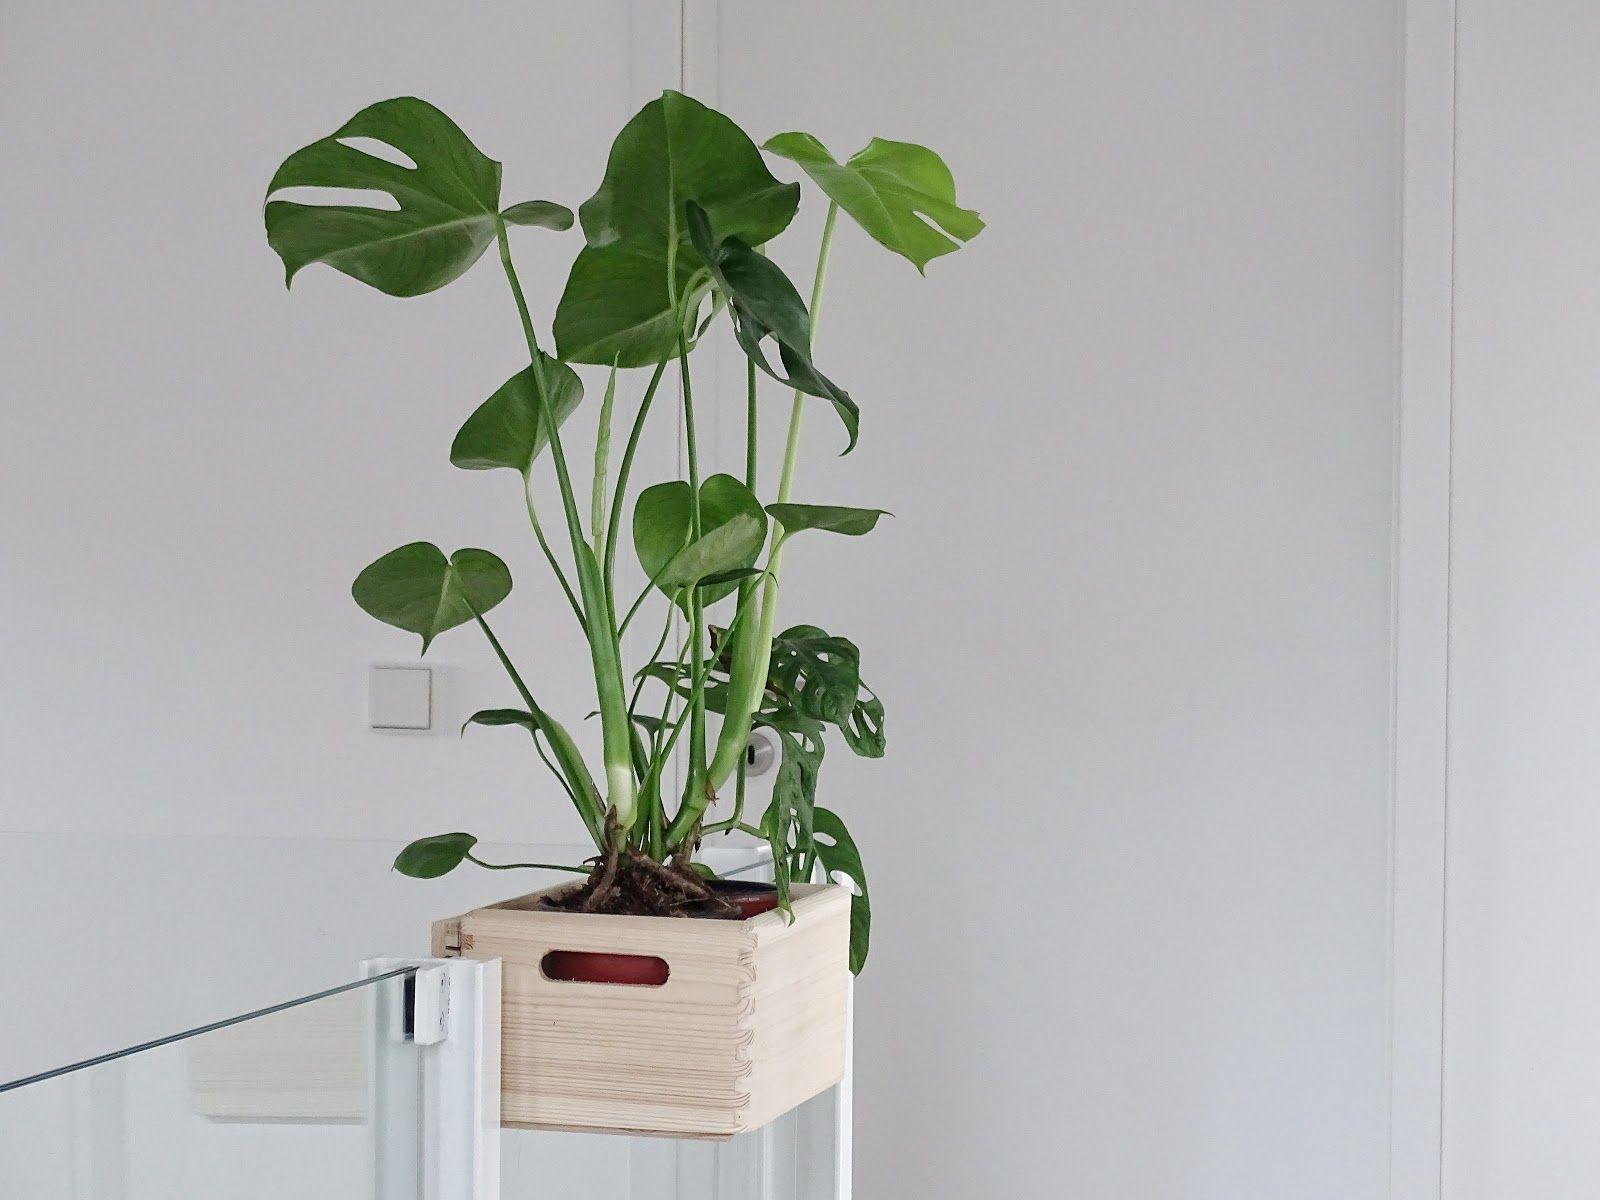 Diy Blumenkasten Aus Holz Zum Aufhängen An Treppengeländern Und Galerien